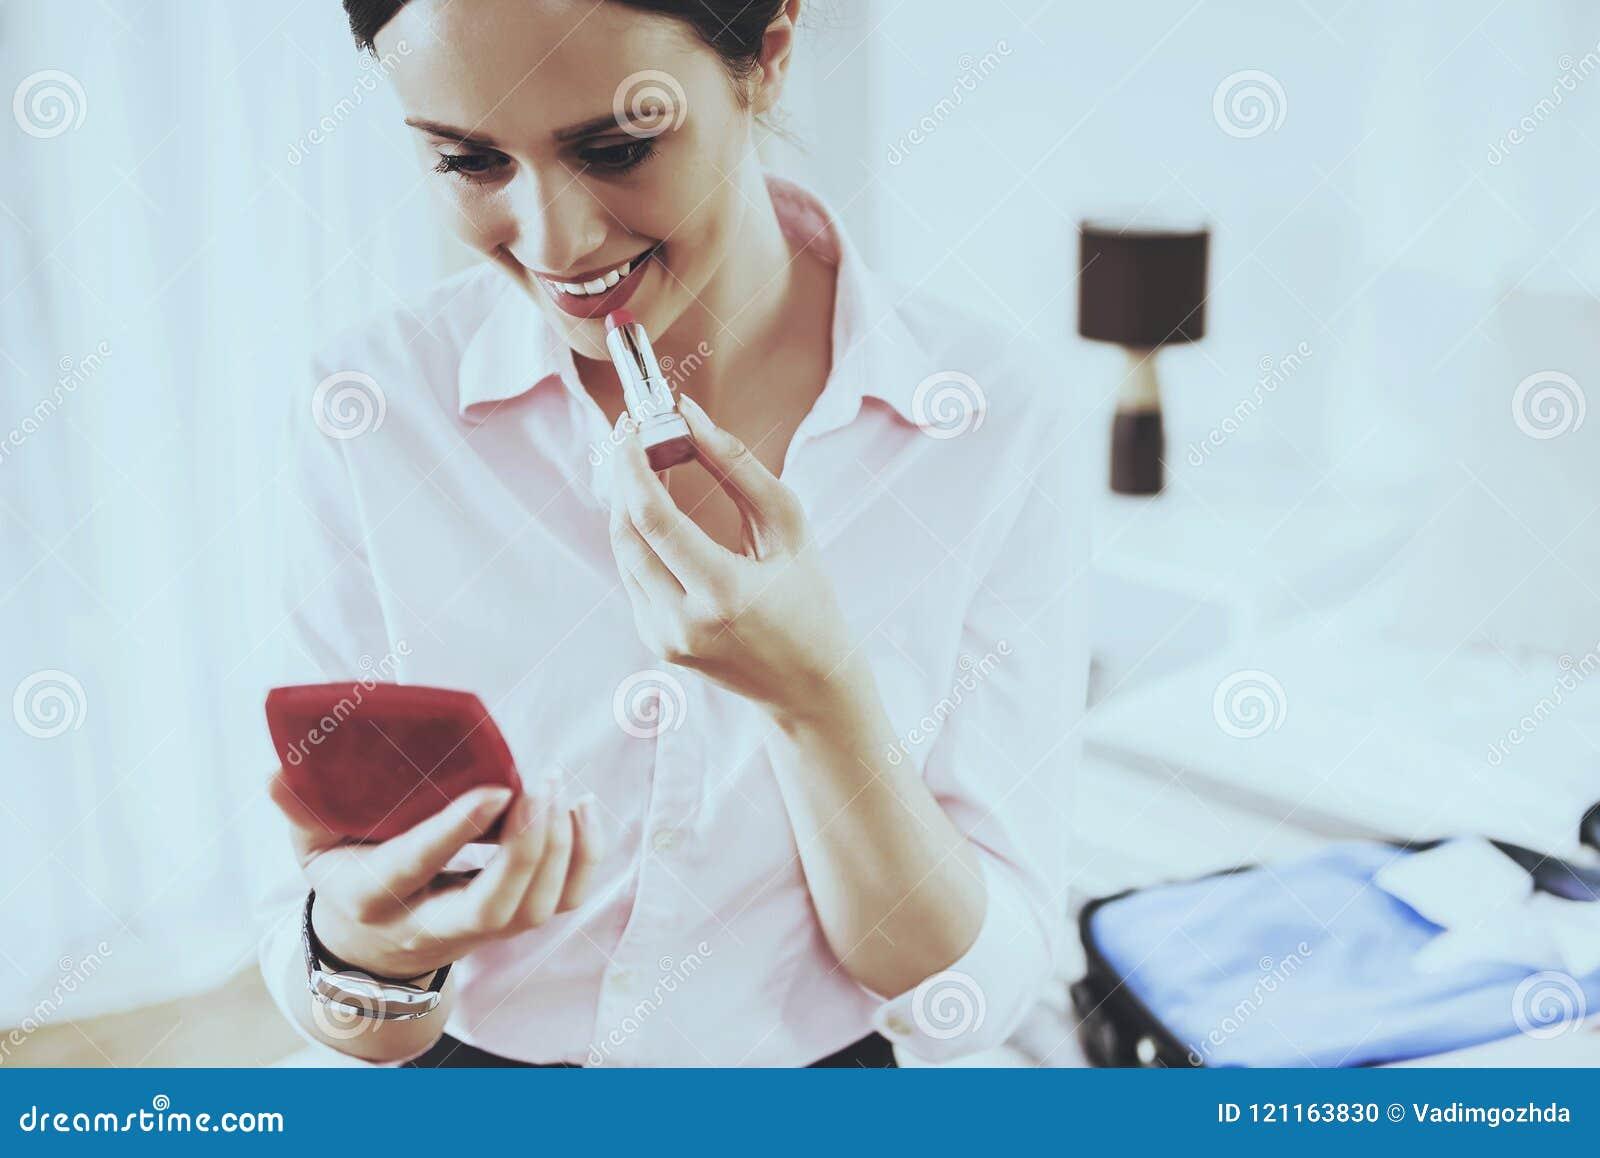 Η χαμογελώντας γυναίκα κοιτάζει στον καθρέφτη και χρωματίζει τα χείλια της